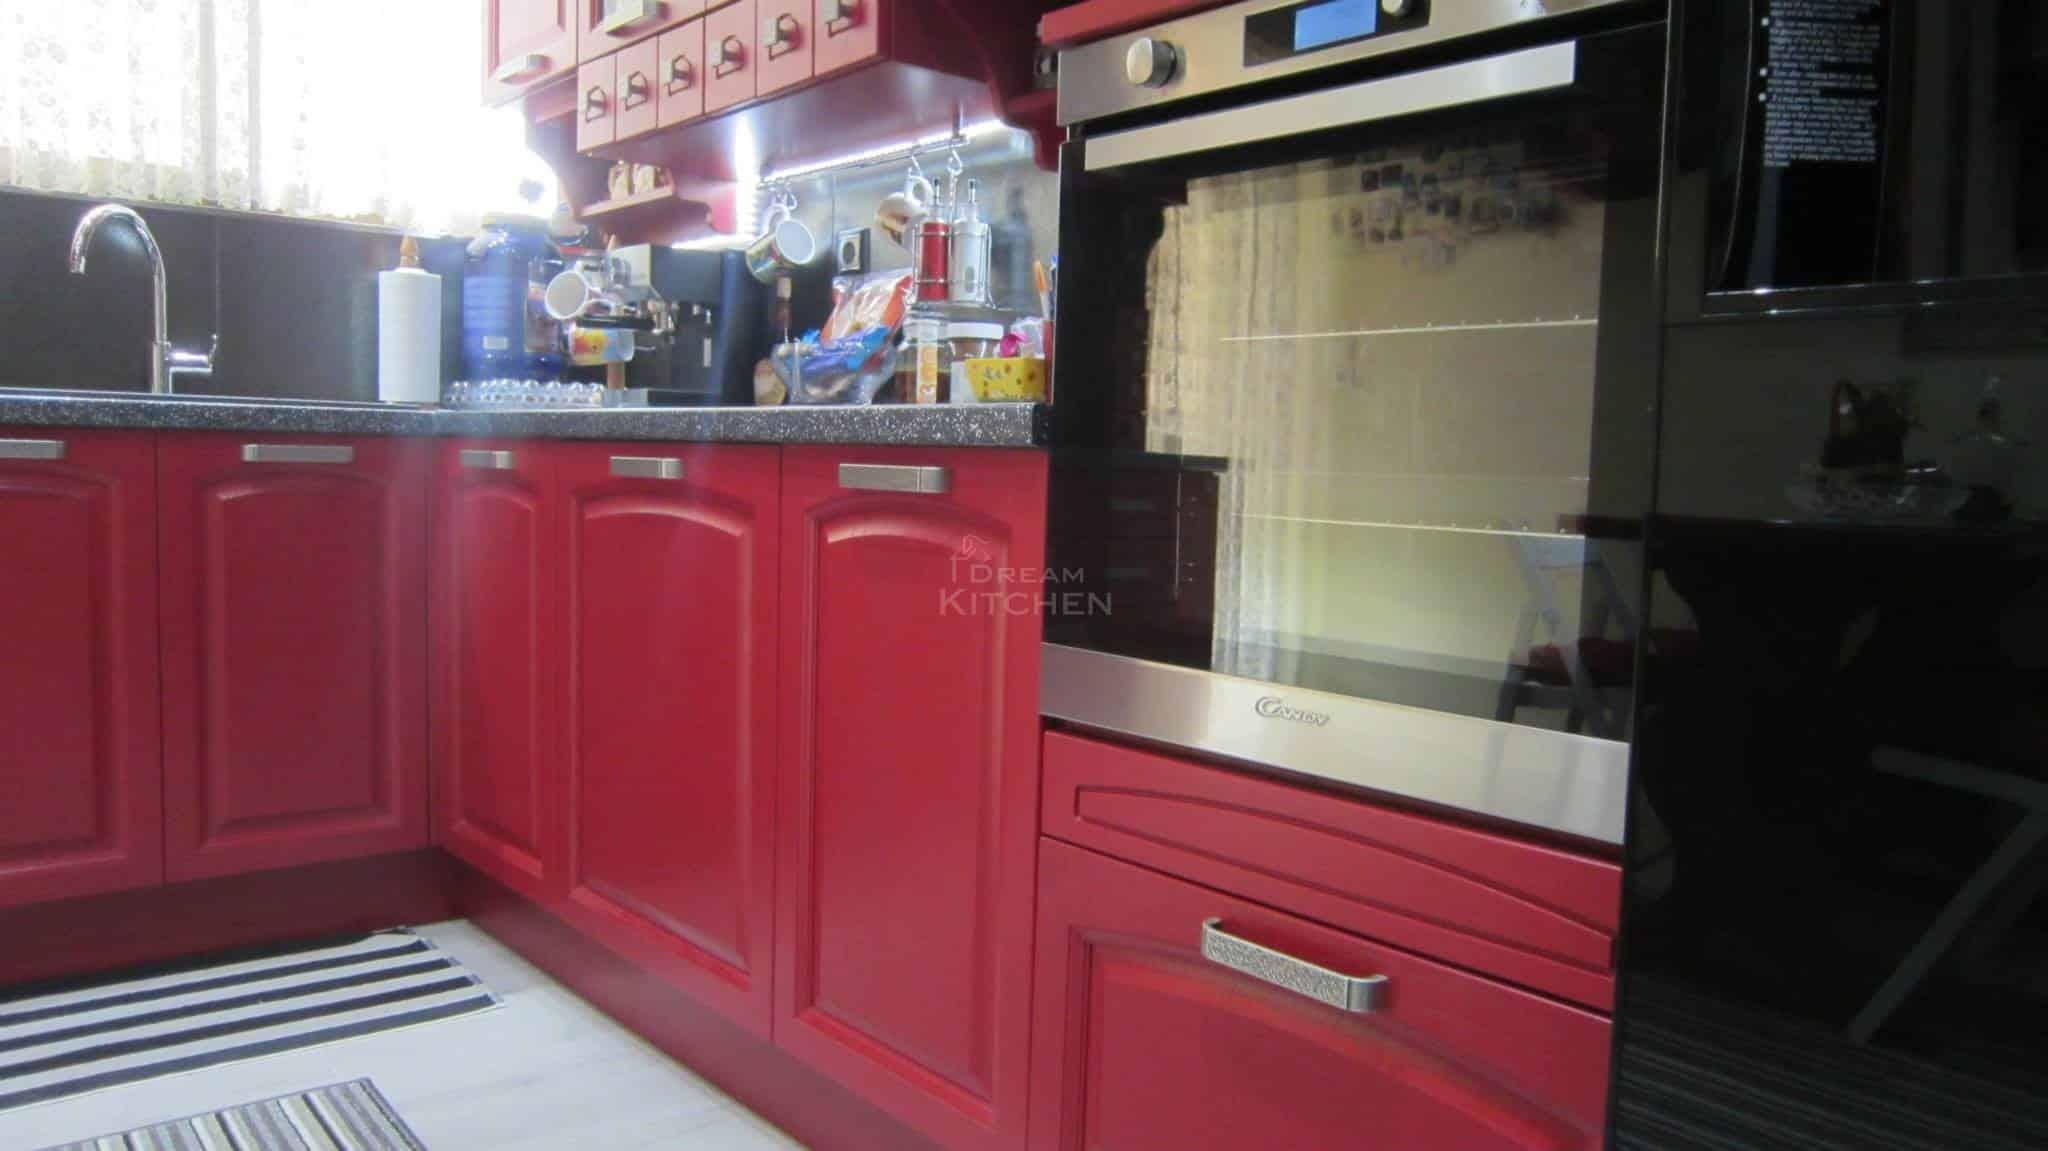 κουζίνα ημιμασίφ σε κόκκινο χρωματισμό